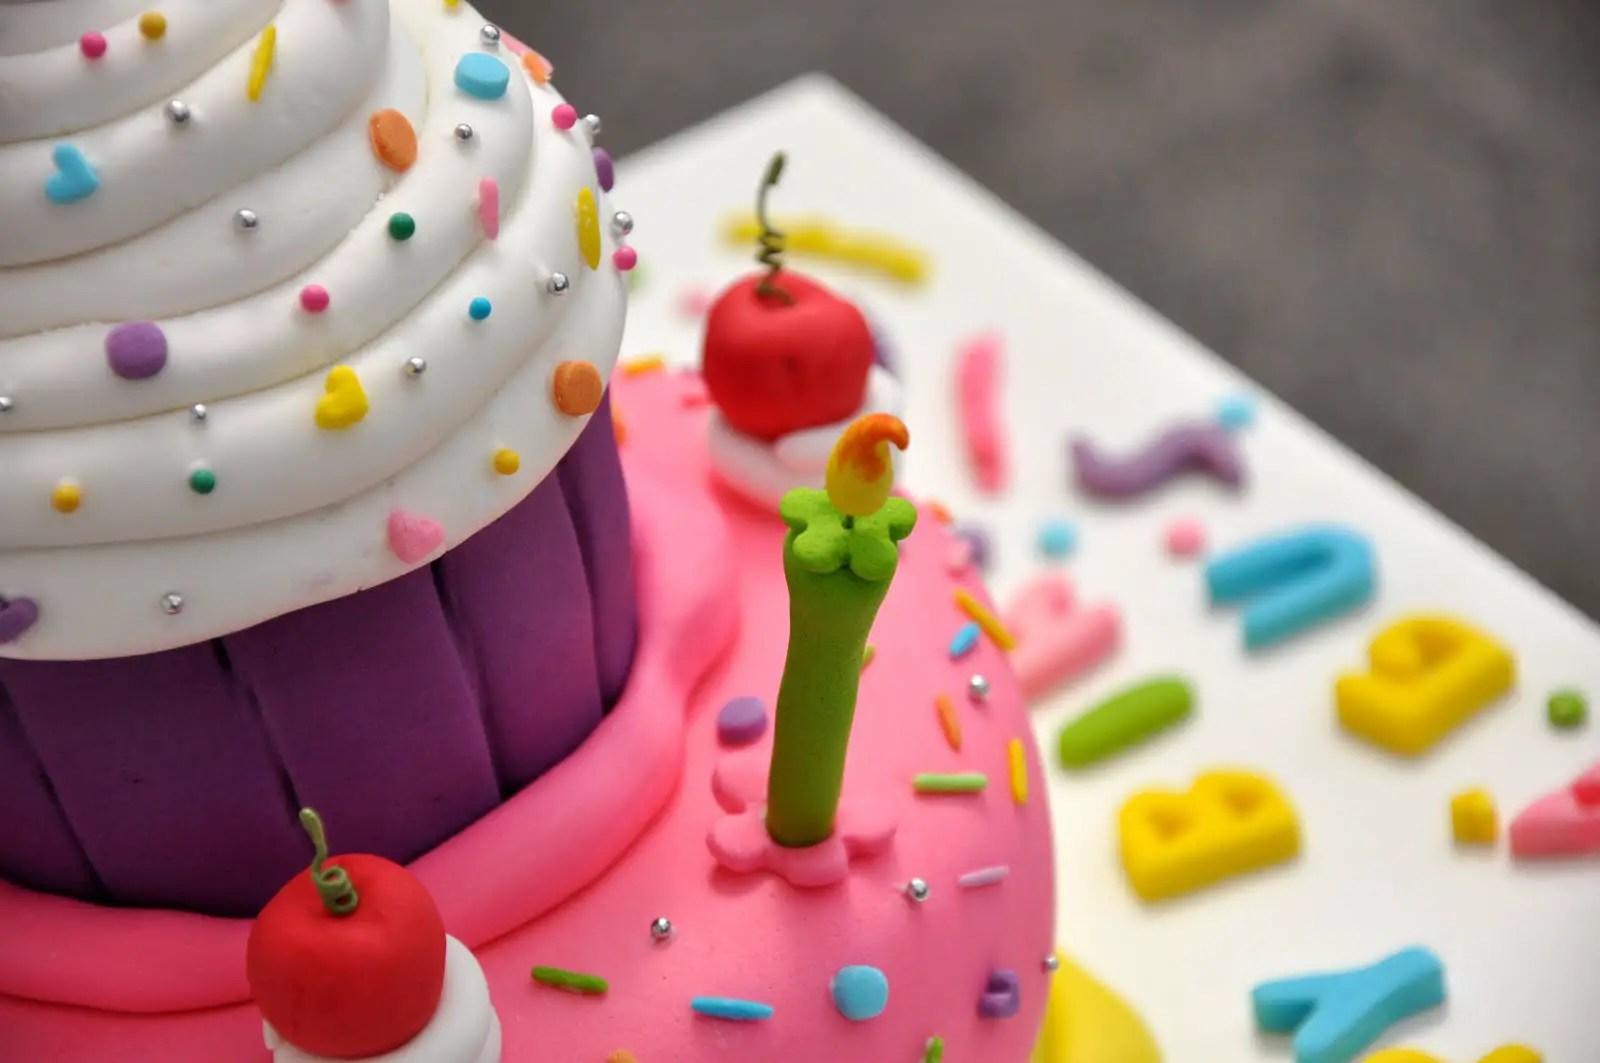 Como Hacer Decoracion De Pasteles Infantiles Rapido - Pasteles-infantiles-originales